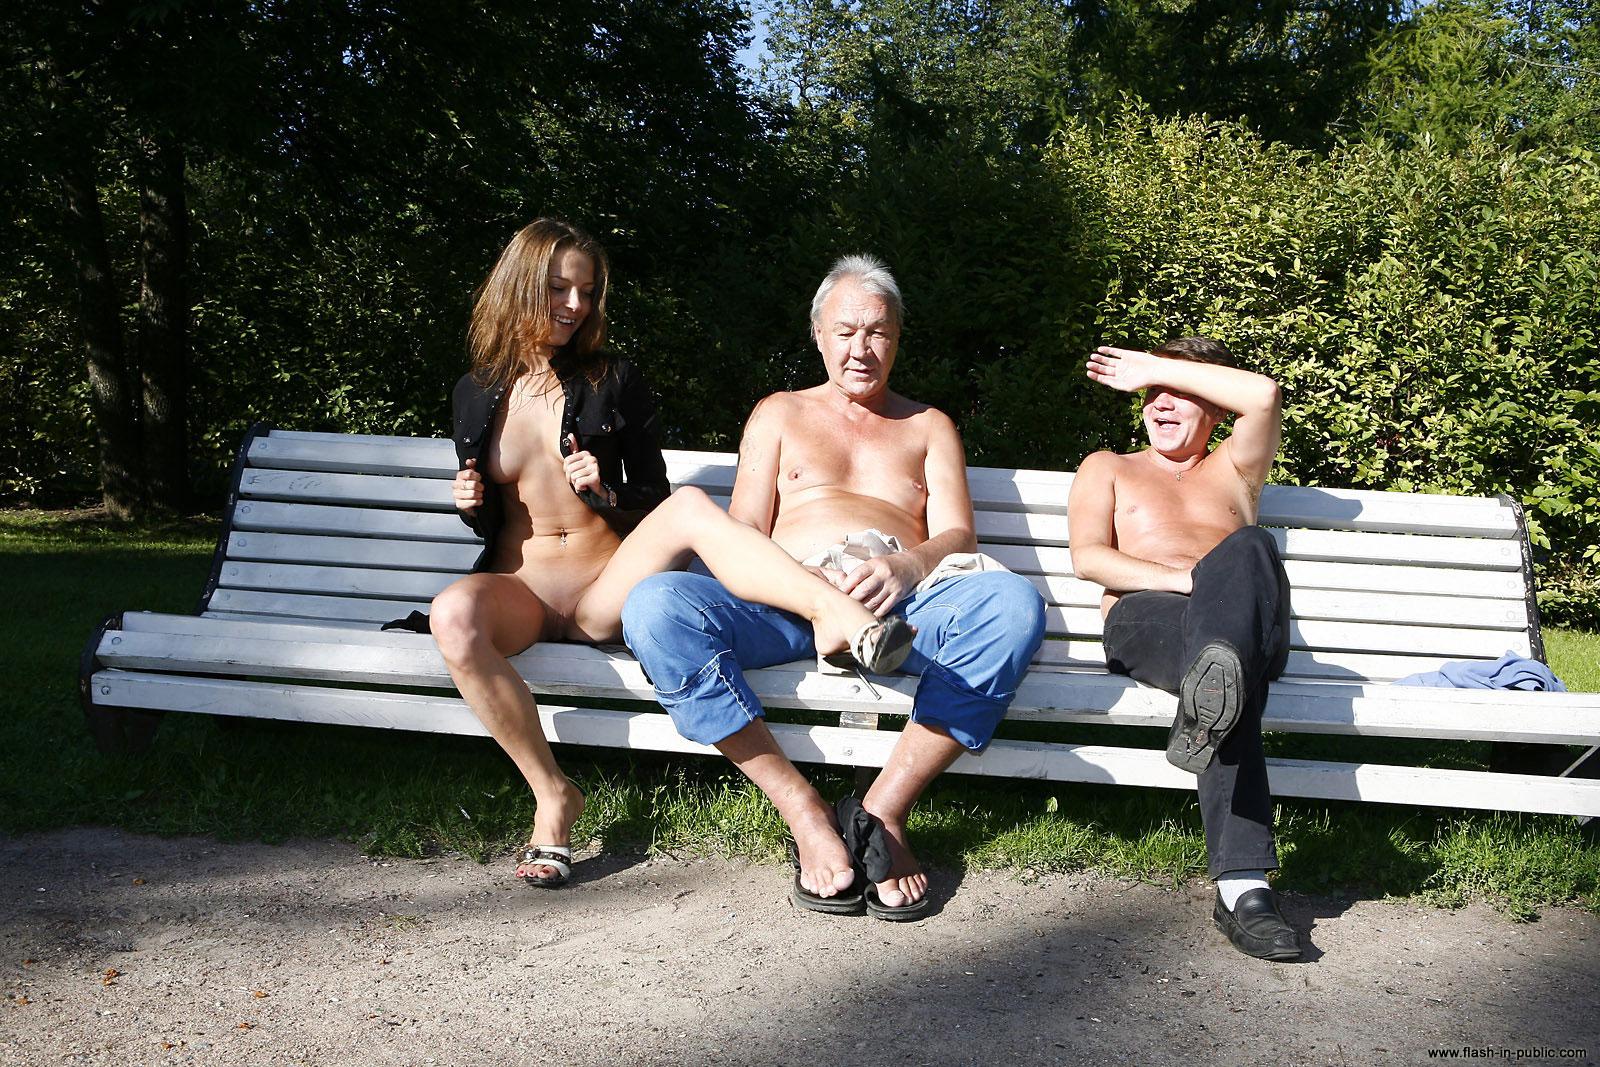 yanina-m-nude-walk-around-the-town-flash-in-public-45